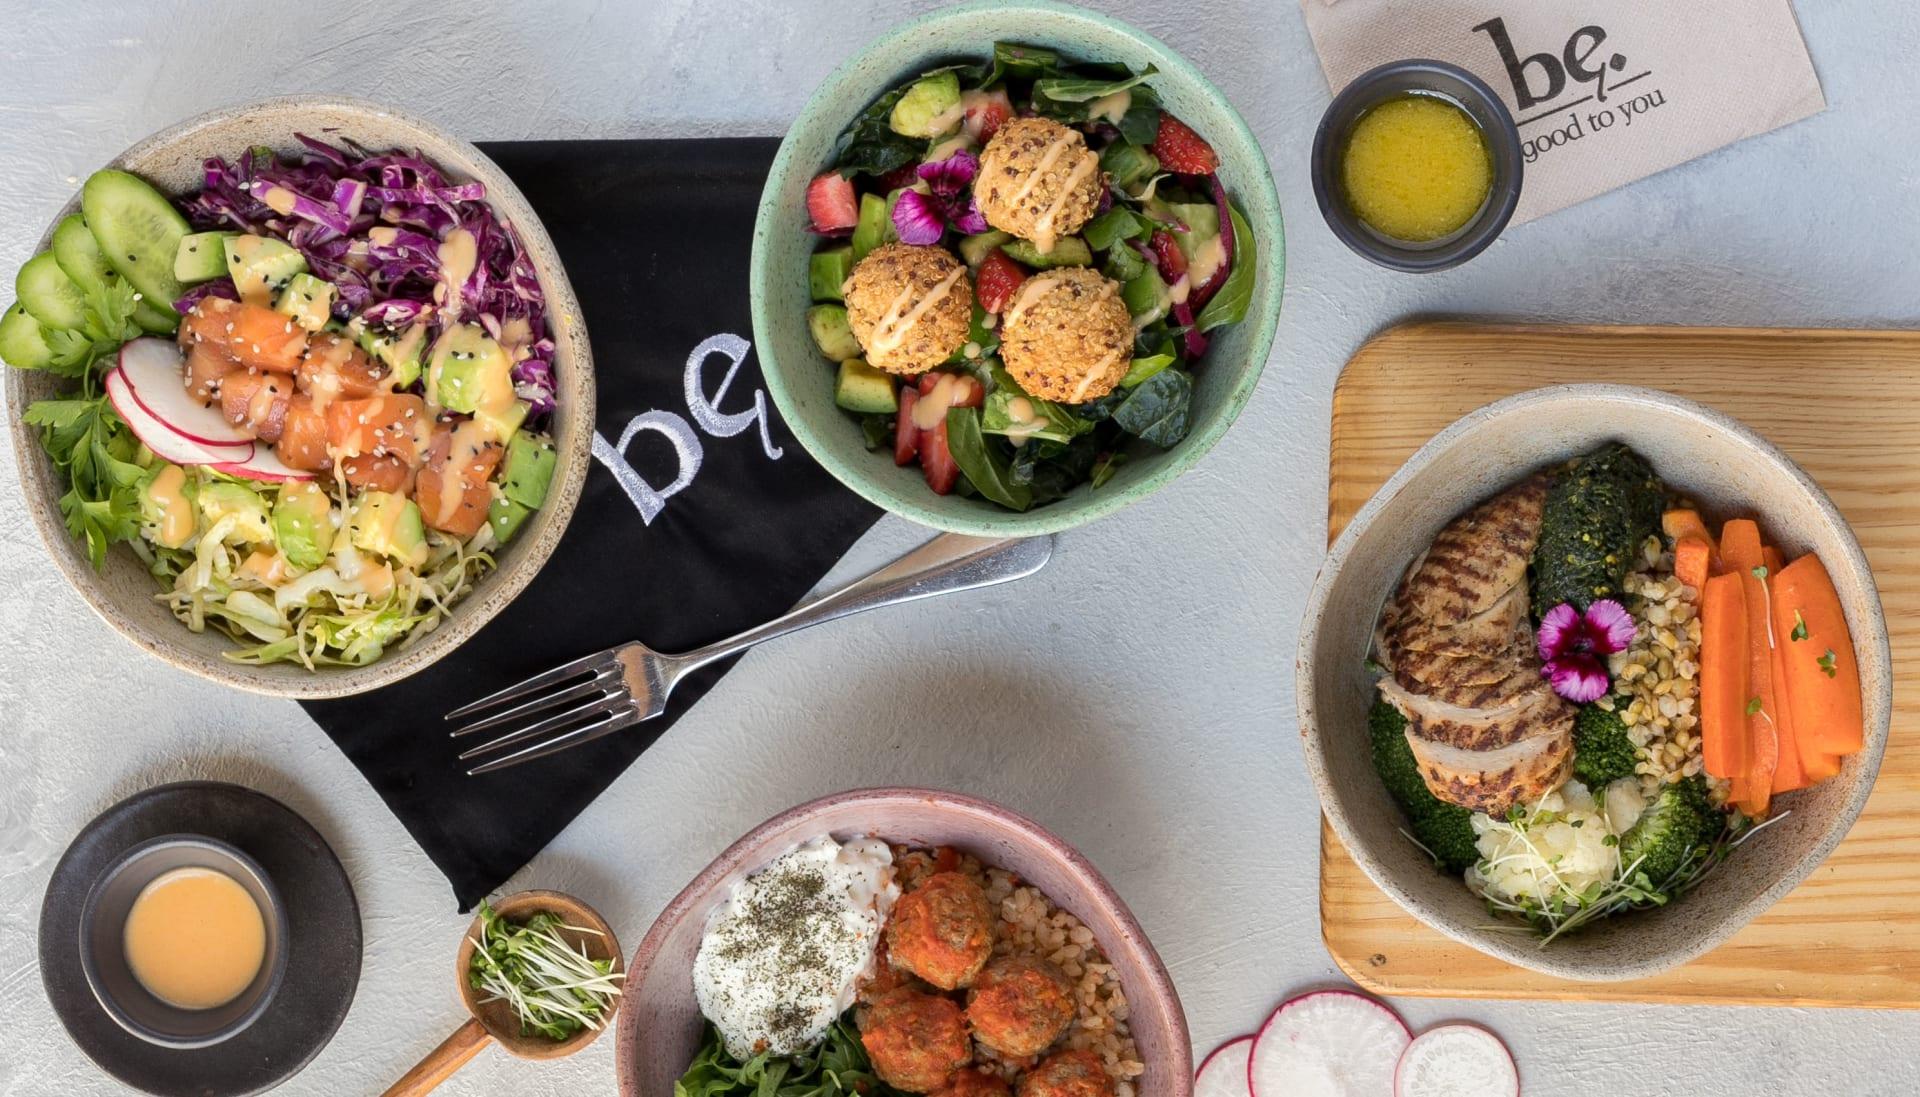 هذه المطاعم في القاهرة تواجه فيروس كورونا بالتعقيم الصارم والأطعمة الصحية